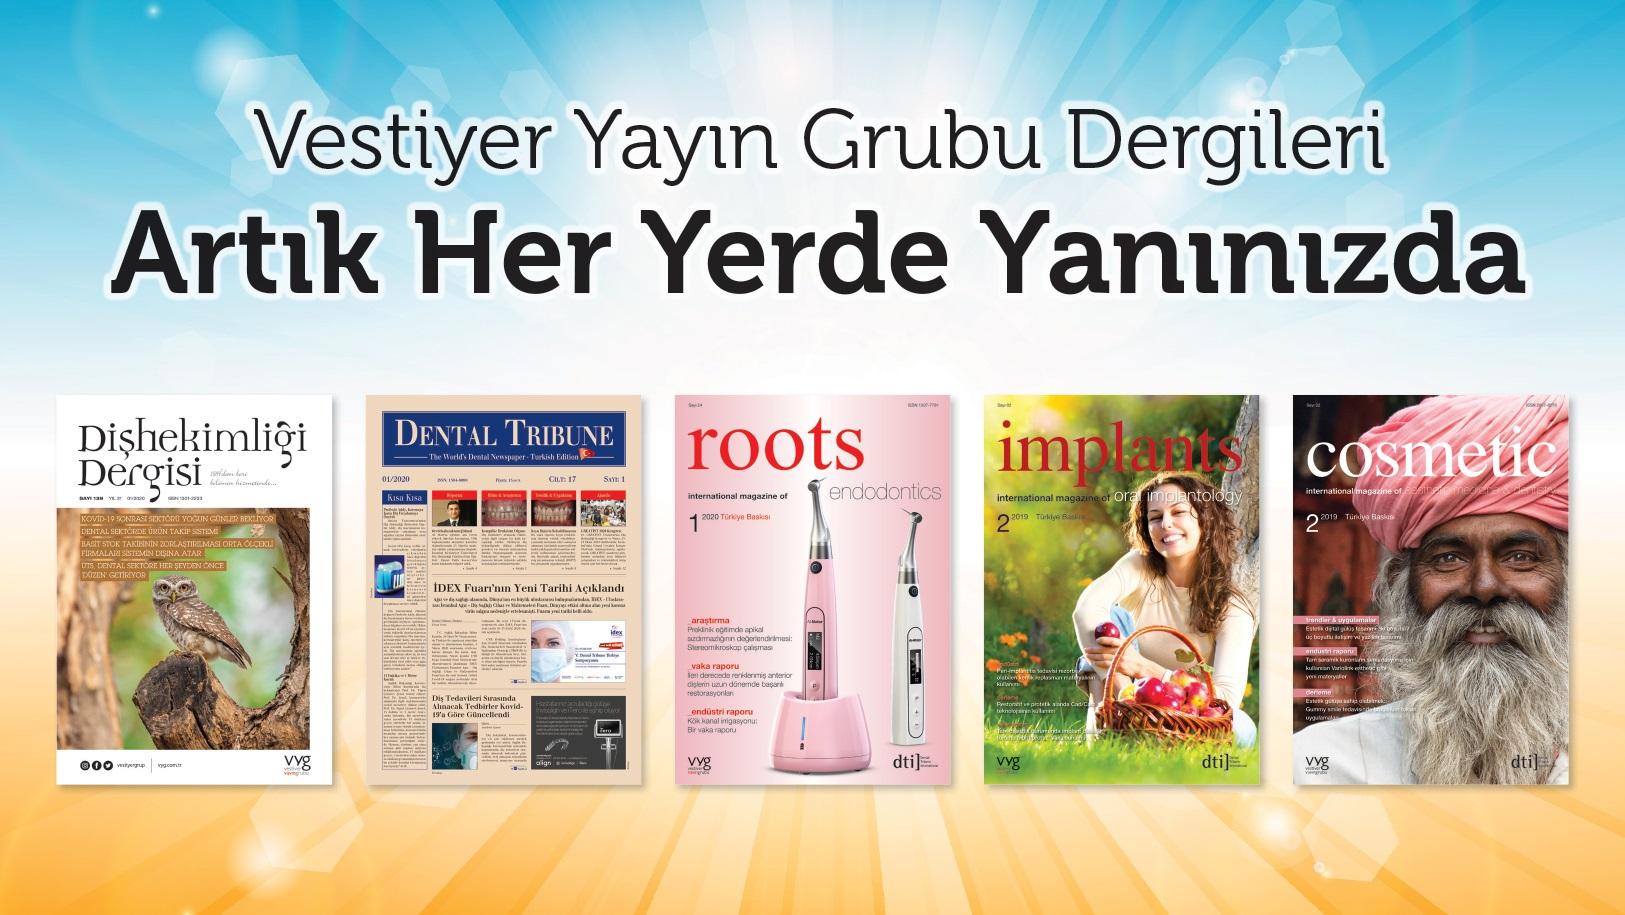 Vestiyer Yayın Grubu Dergileri  Artık Her Yerde Yanınızda